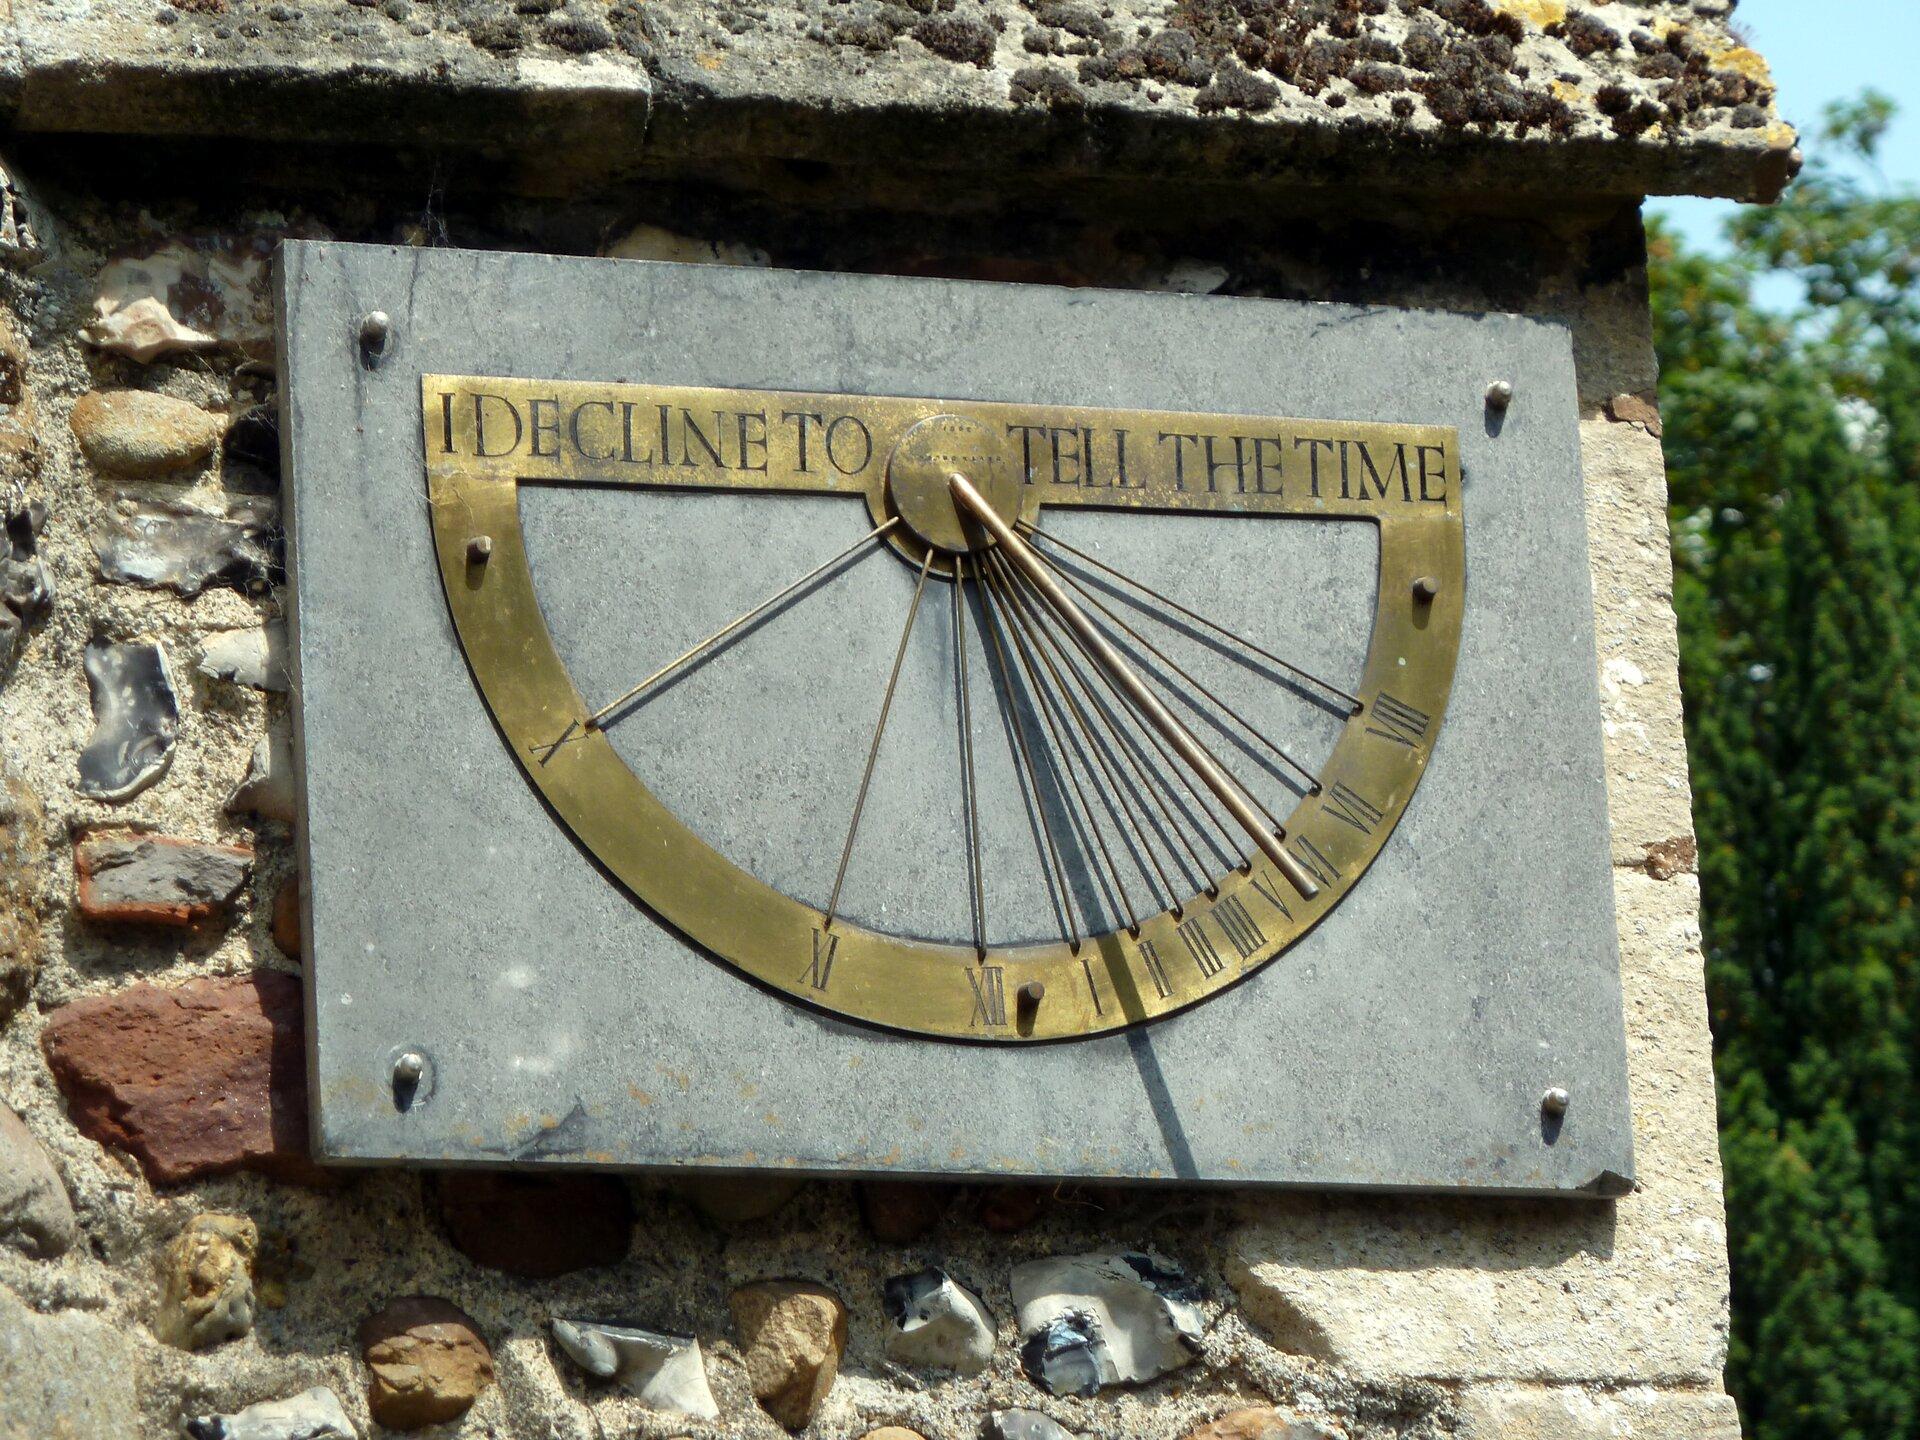 Fotografia prezentuje zegar słoneczny umieszczony na ścianie budynku. Zegar zbudowany jest zprostokątnej płyty, na której umieszczono metalowy półokrąg zrzymskimi cyframi od 1 do 12. Na środku tarczy zegara przymocowano pionową wskazówkę, której cień znajduje się pomiędzy cyfrą 1 a2.